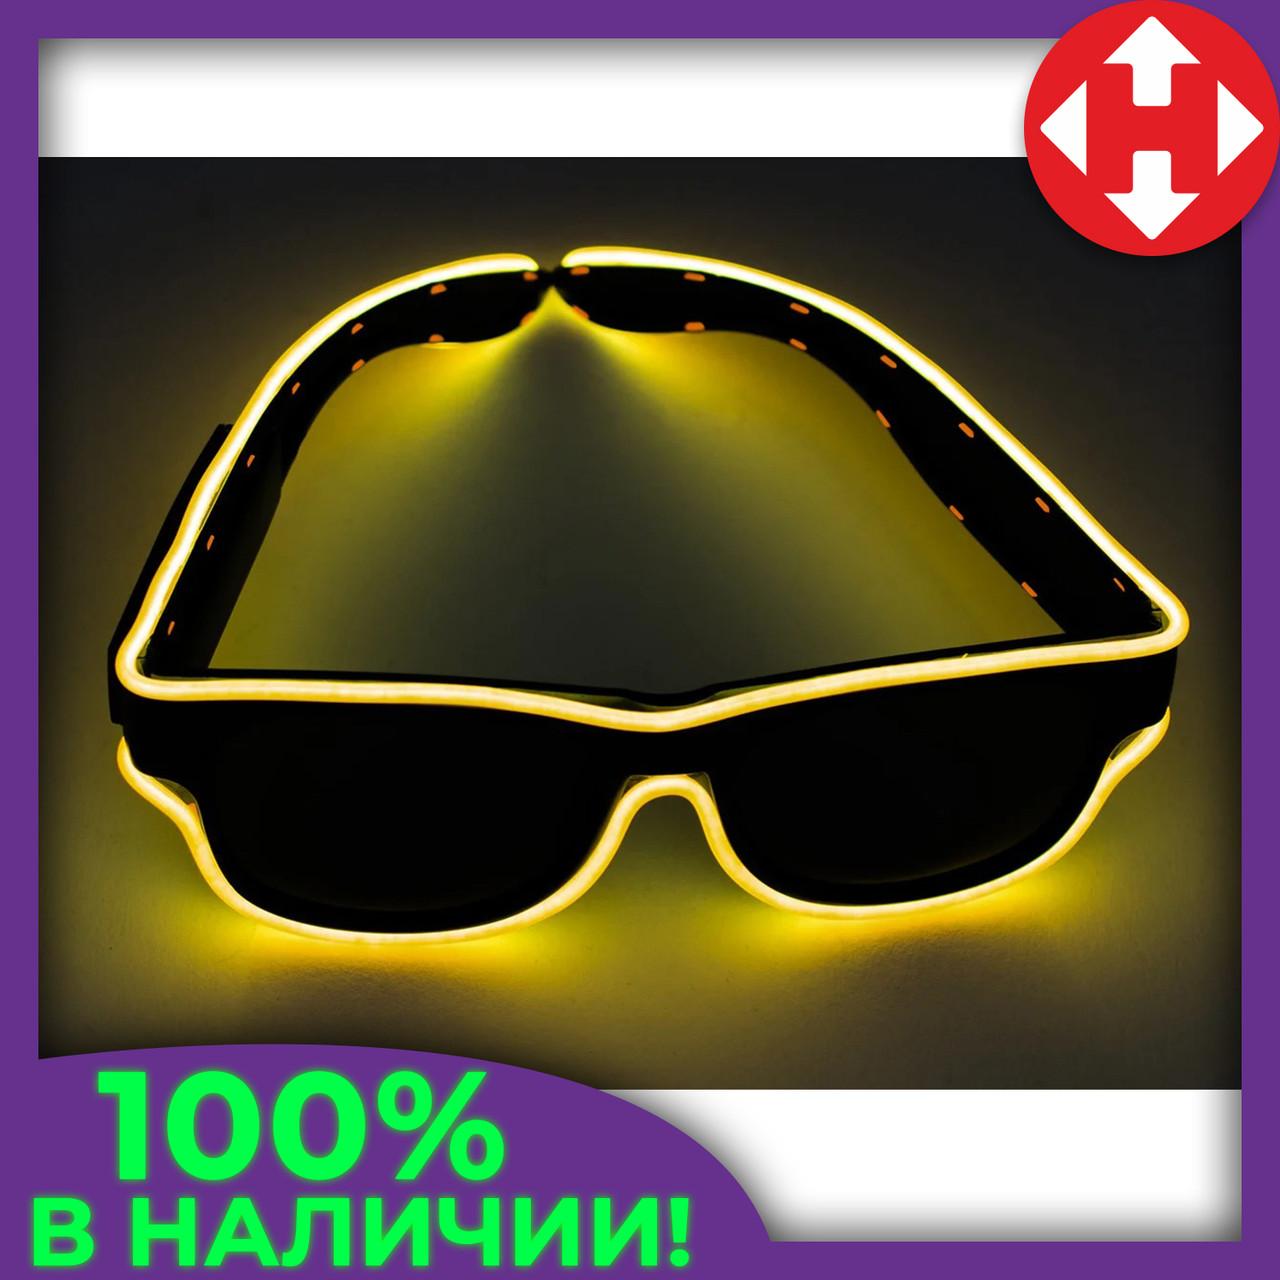 Светящиеся неоновые светодиодные LED очки, клубные, Оранжевые, для дискотеки и вечеринки (доставка)